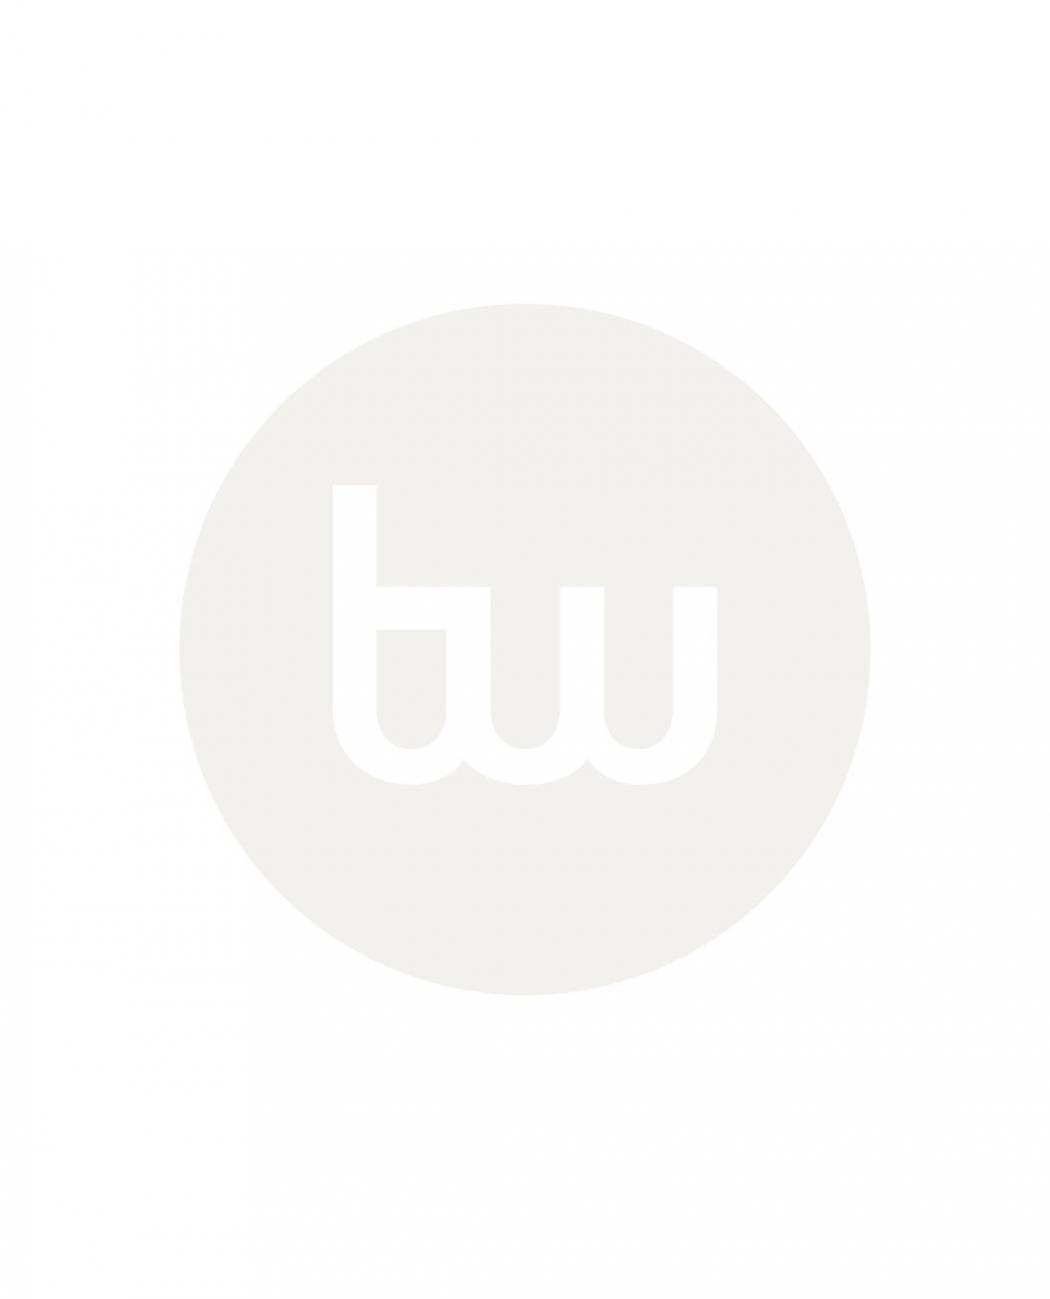 Magpul iPad Mini Field Case Foliage Green - TACWRK